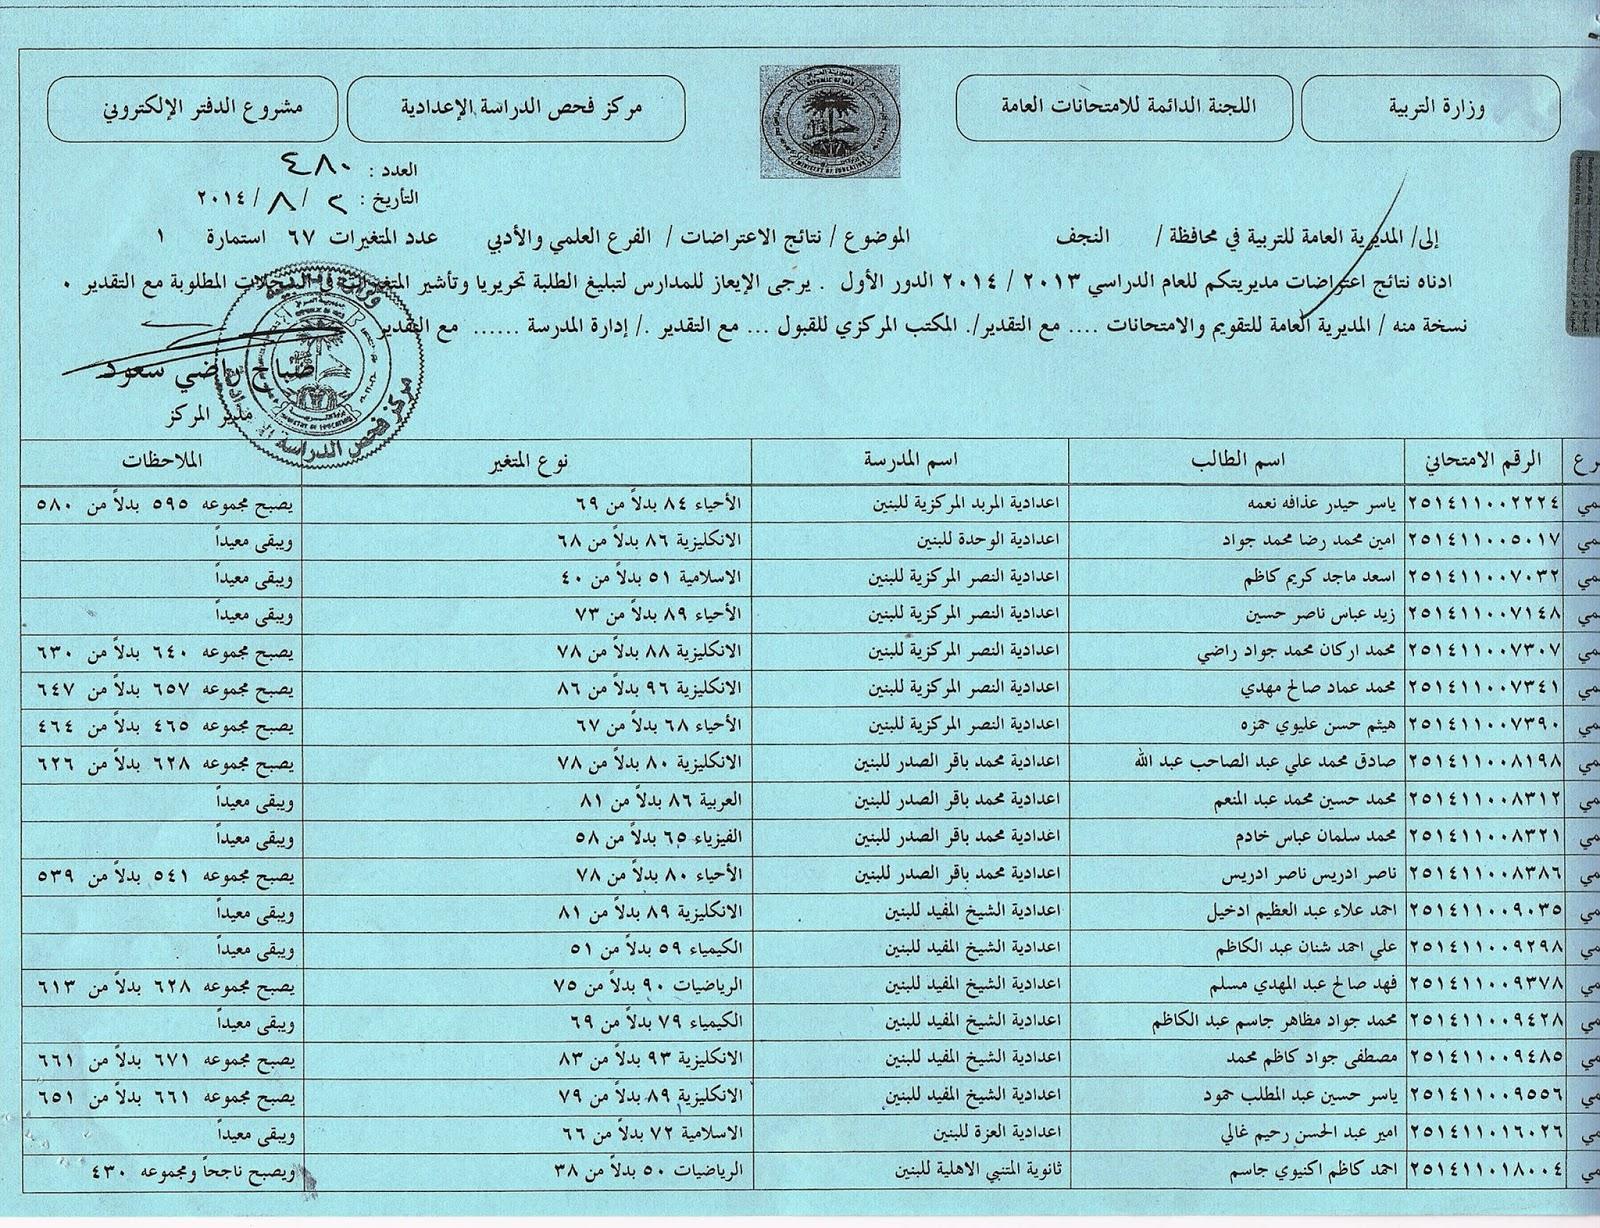 نتائج اعتراضات محافظة النجف السادس العلمي و الادبي 2014  10458977_275167786003292_8746209344217934849_o